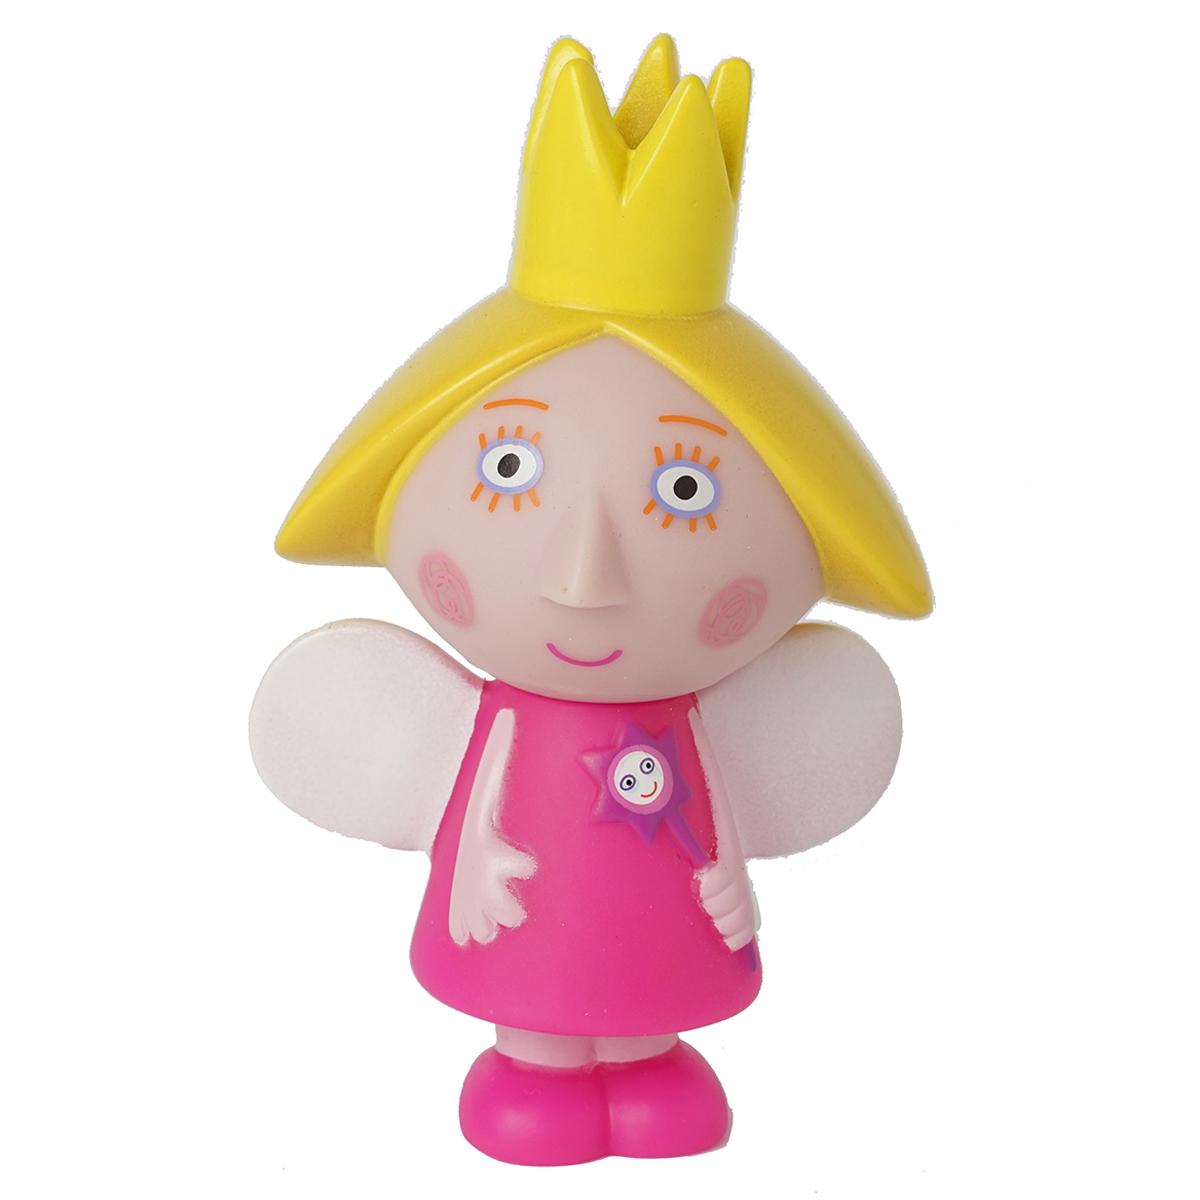 Фигурка ТМ B&amp;H - Принцесса Холли, 10 см, пластизольМаленькое королевство Бена и Холли<br>Фигурка ТМ B&amp;H - Принцесса Холли, 10 см, пластизоль<br>